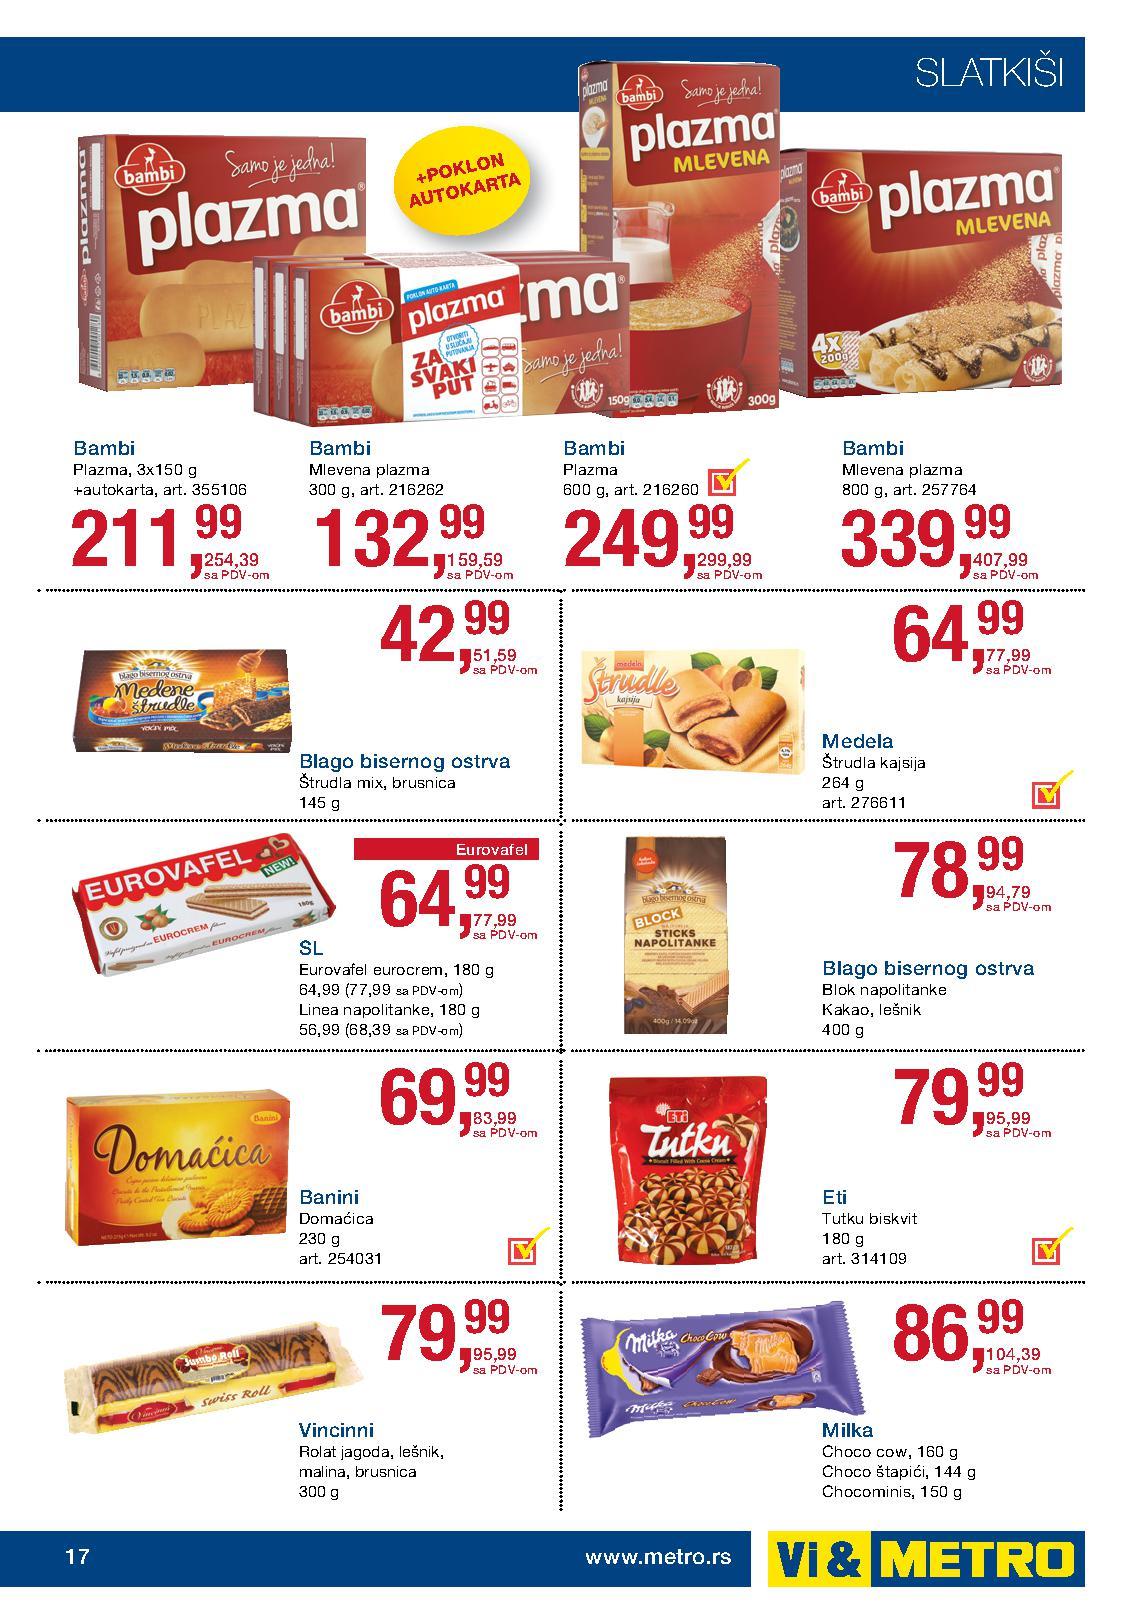 Metro akcija prehrana po super ceni za vas